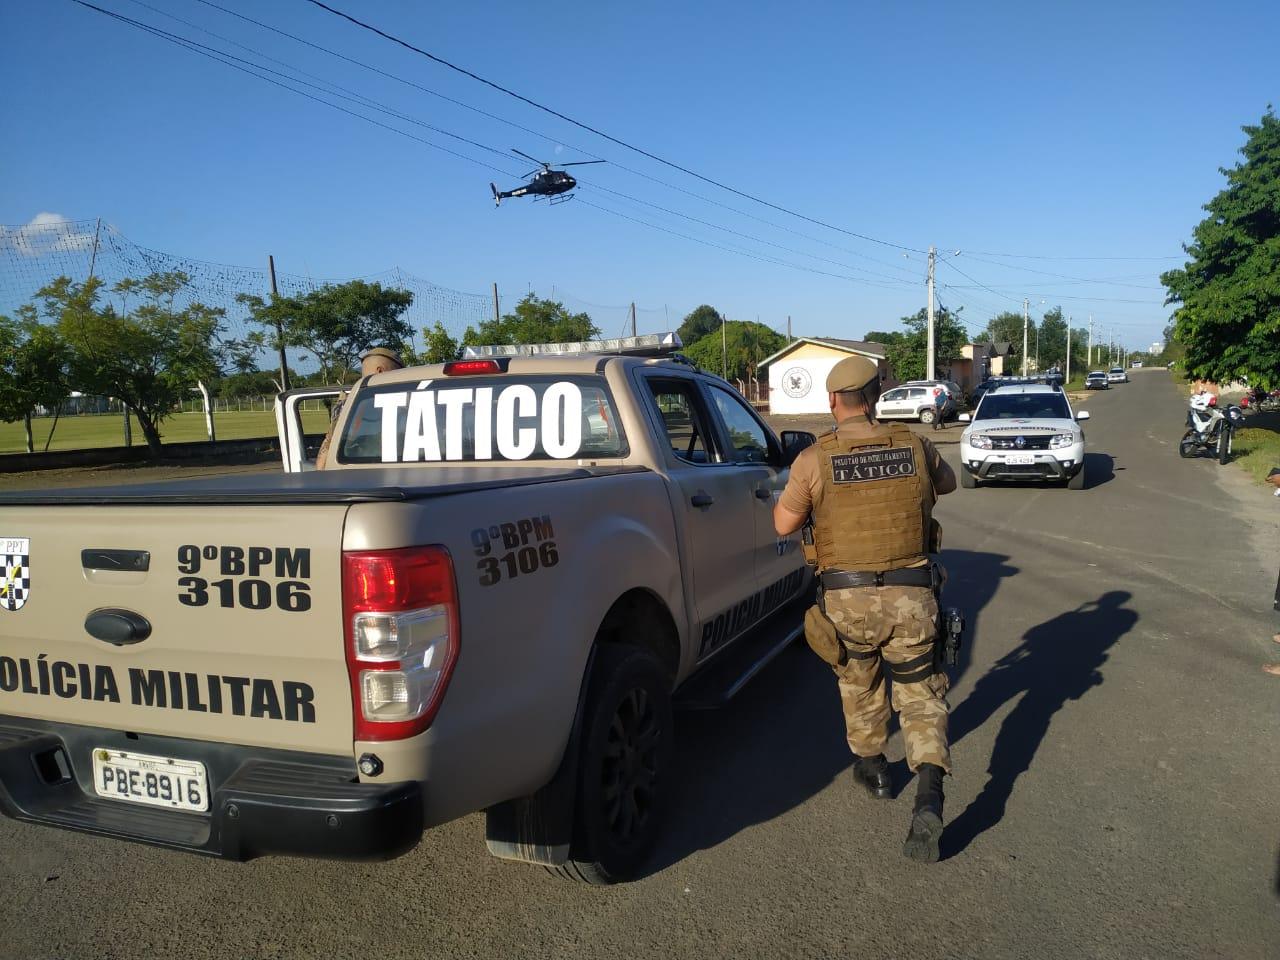 Após perseguição, PM prende bandidos e recupera veículo roubado